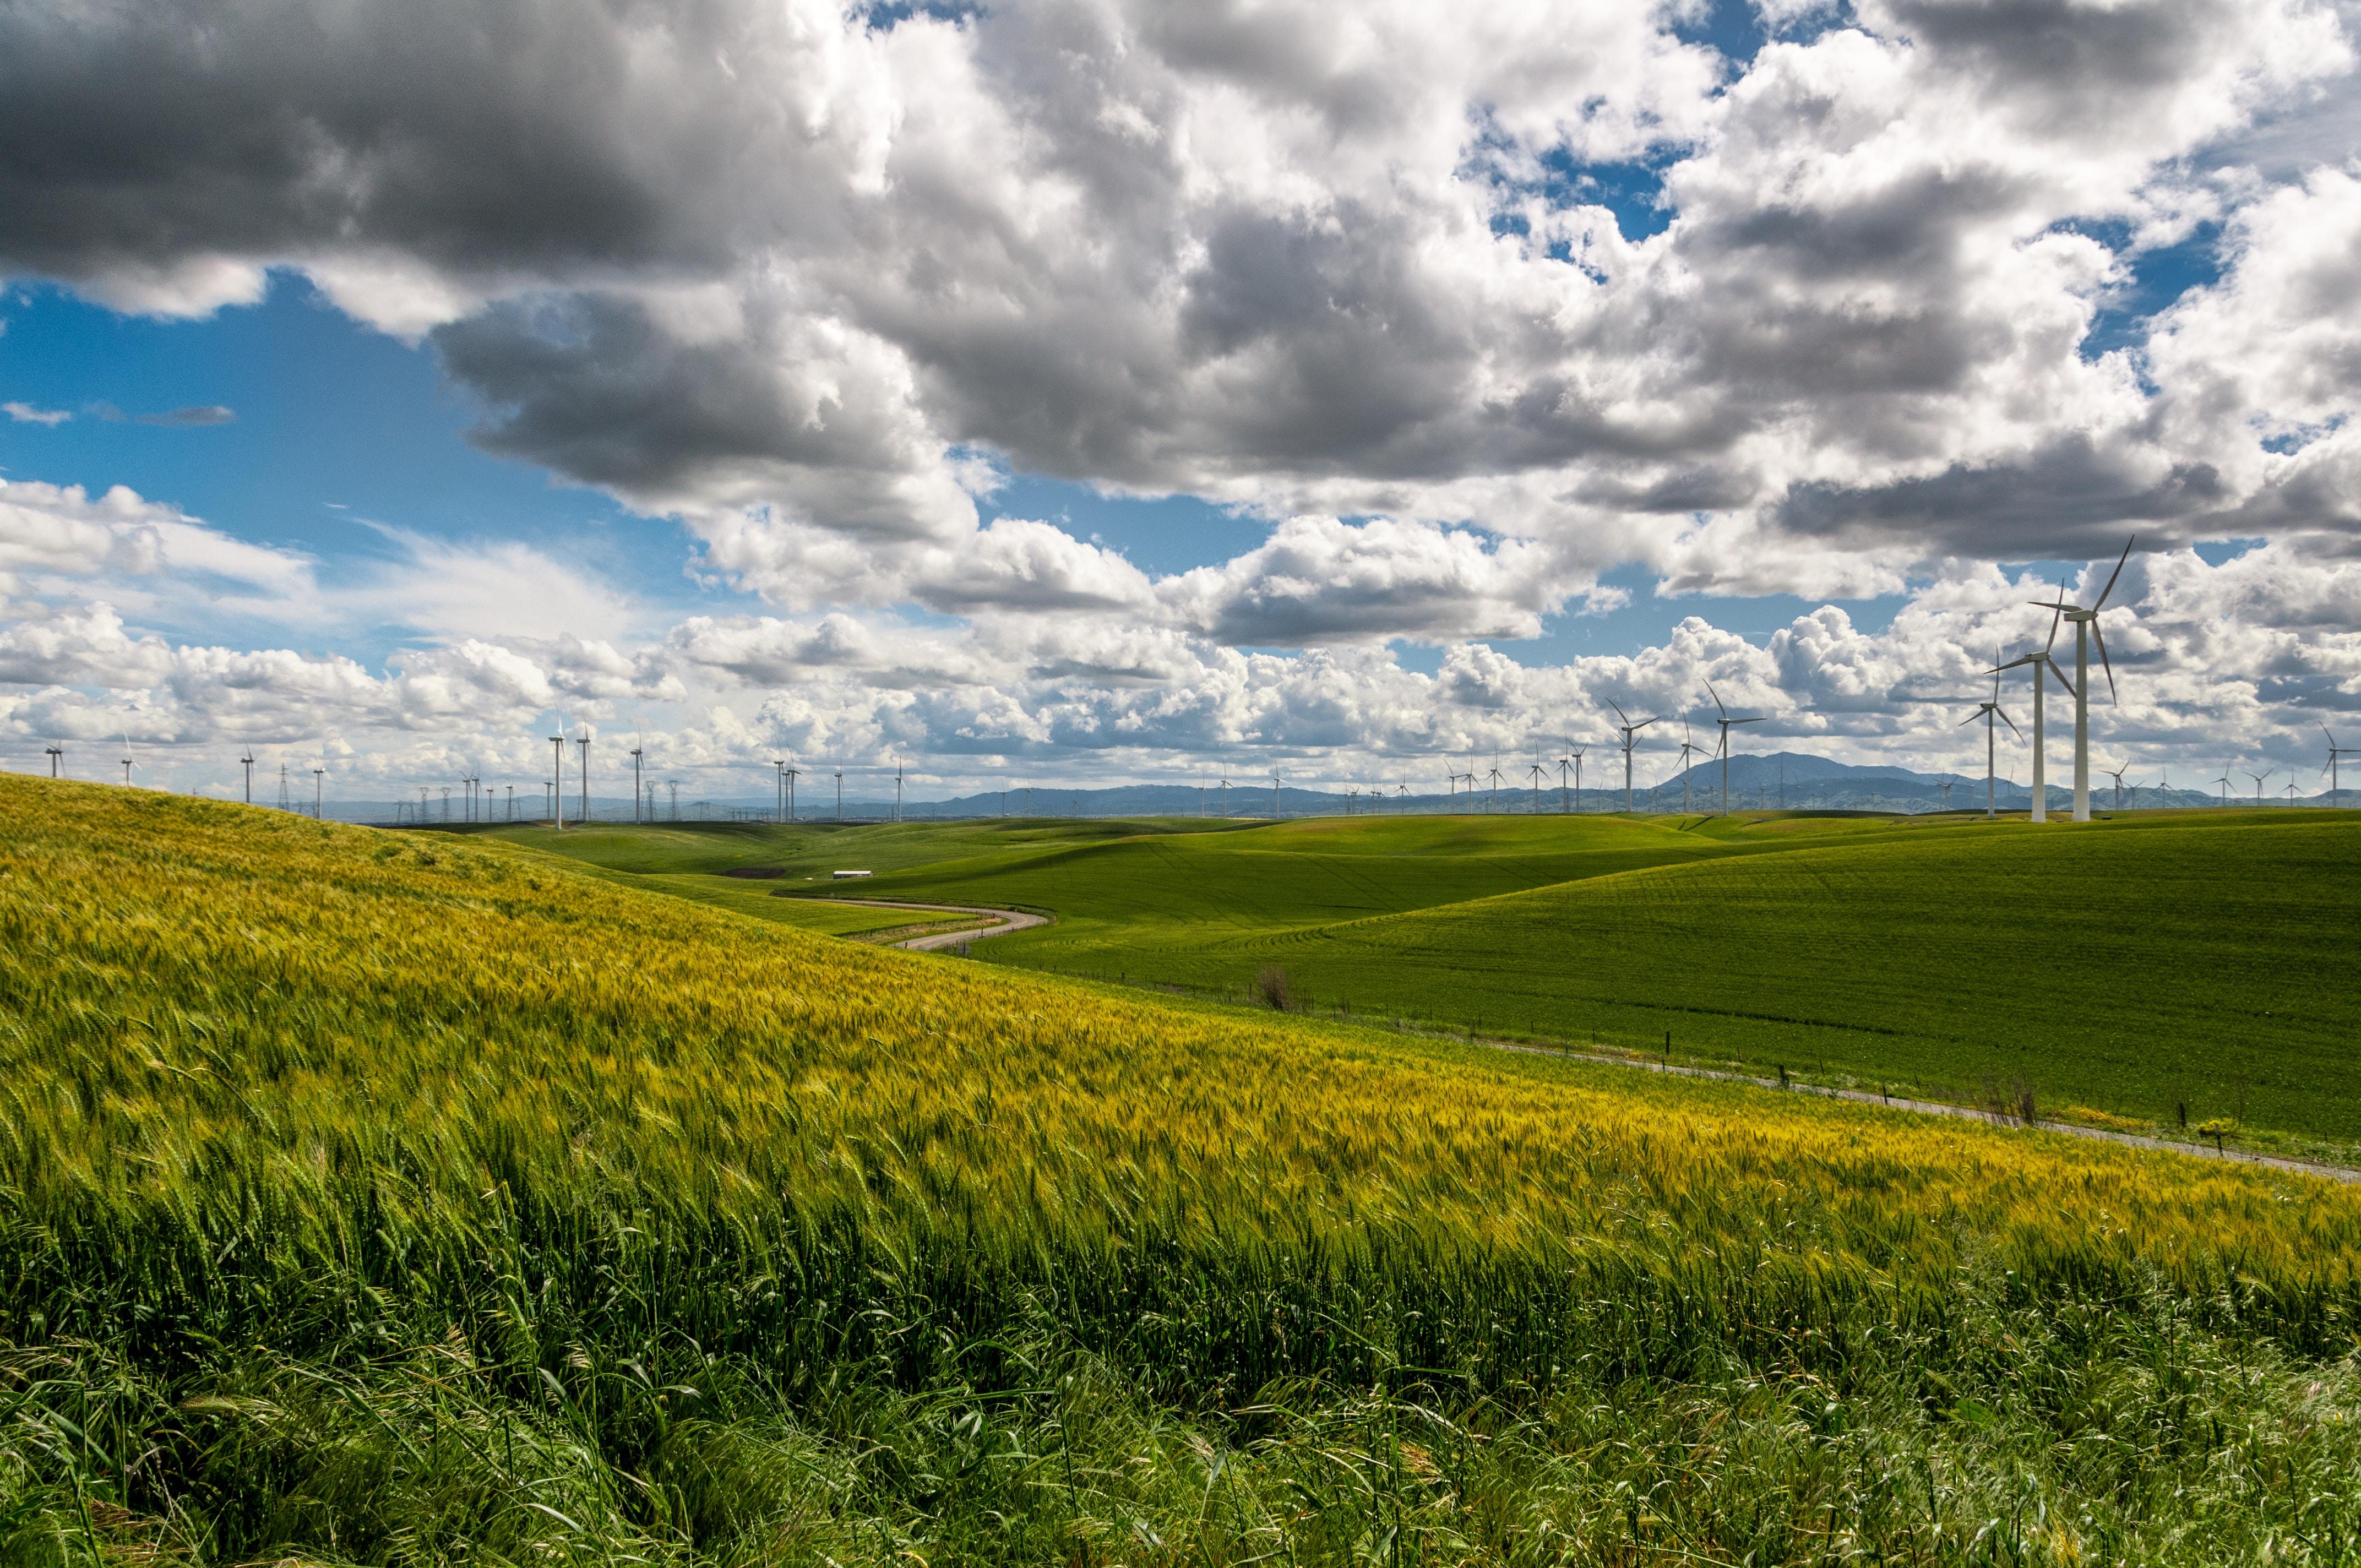 grass plain under blue sky